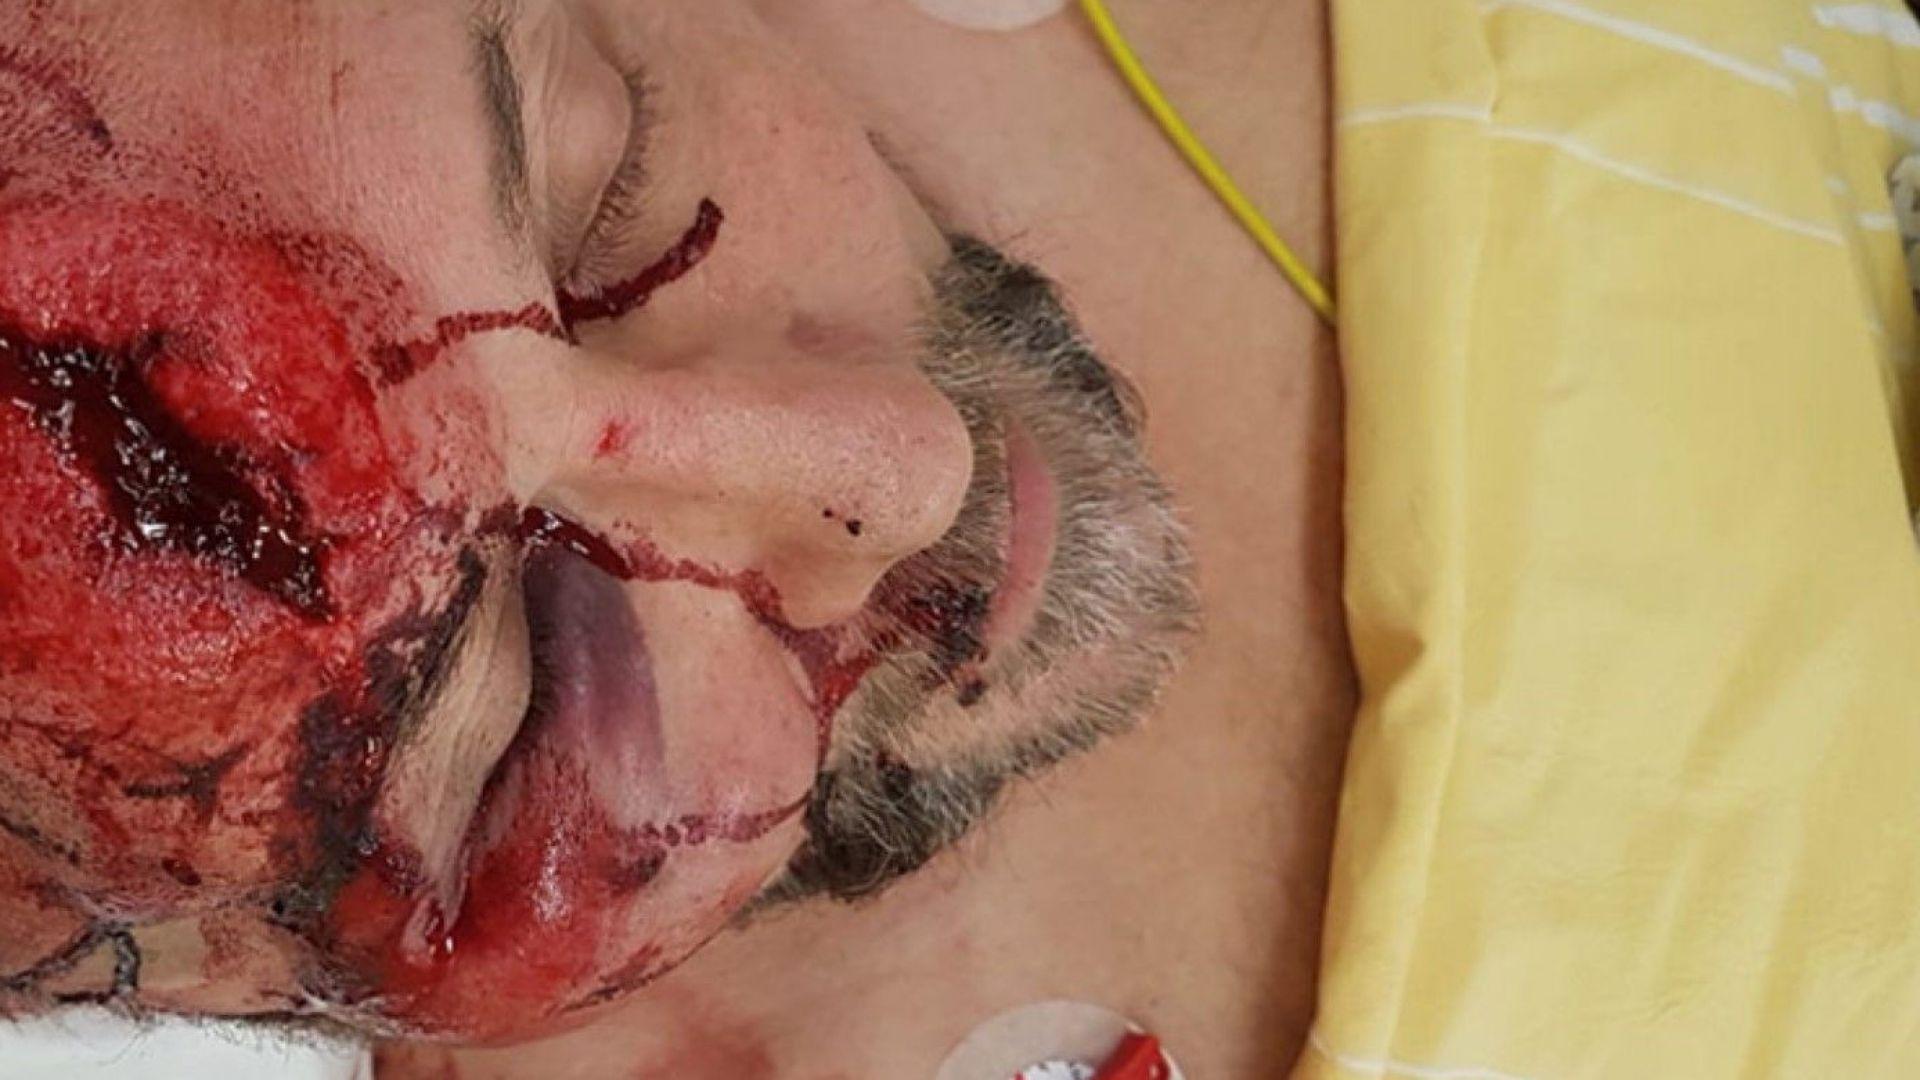 """Редактирана снимка на Франк Магниц в болничното легло след """"подлата, отвратителна атака"""""""